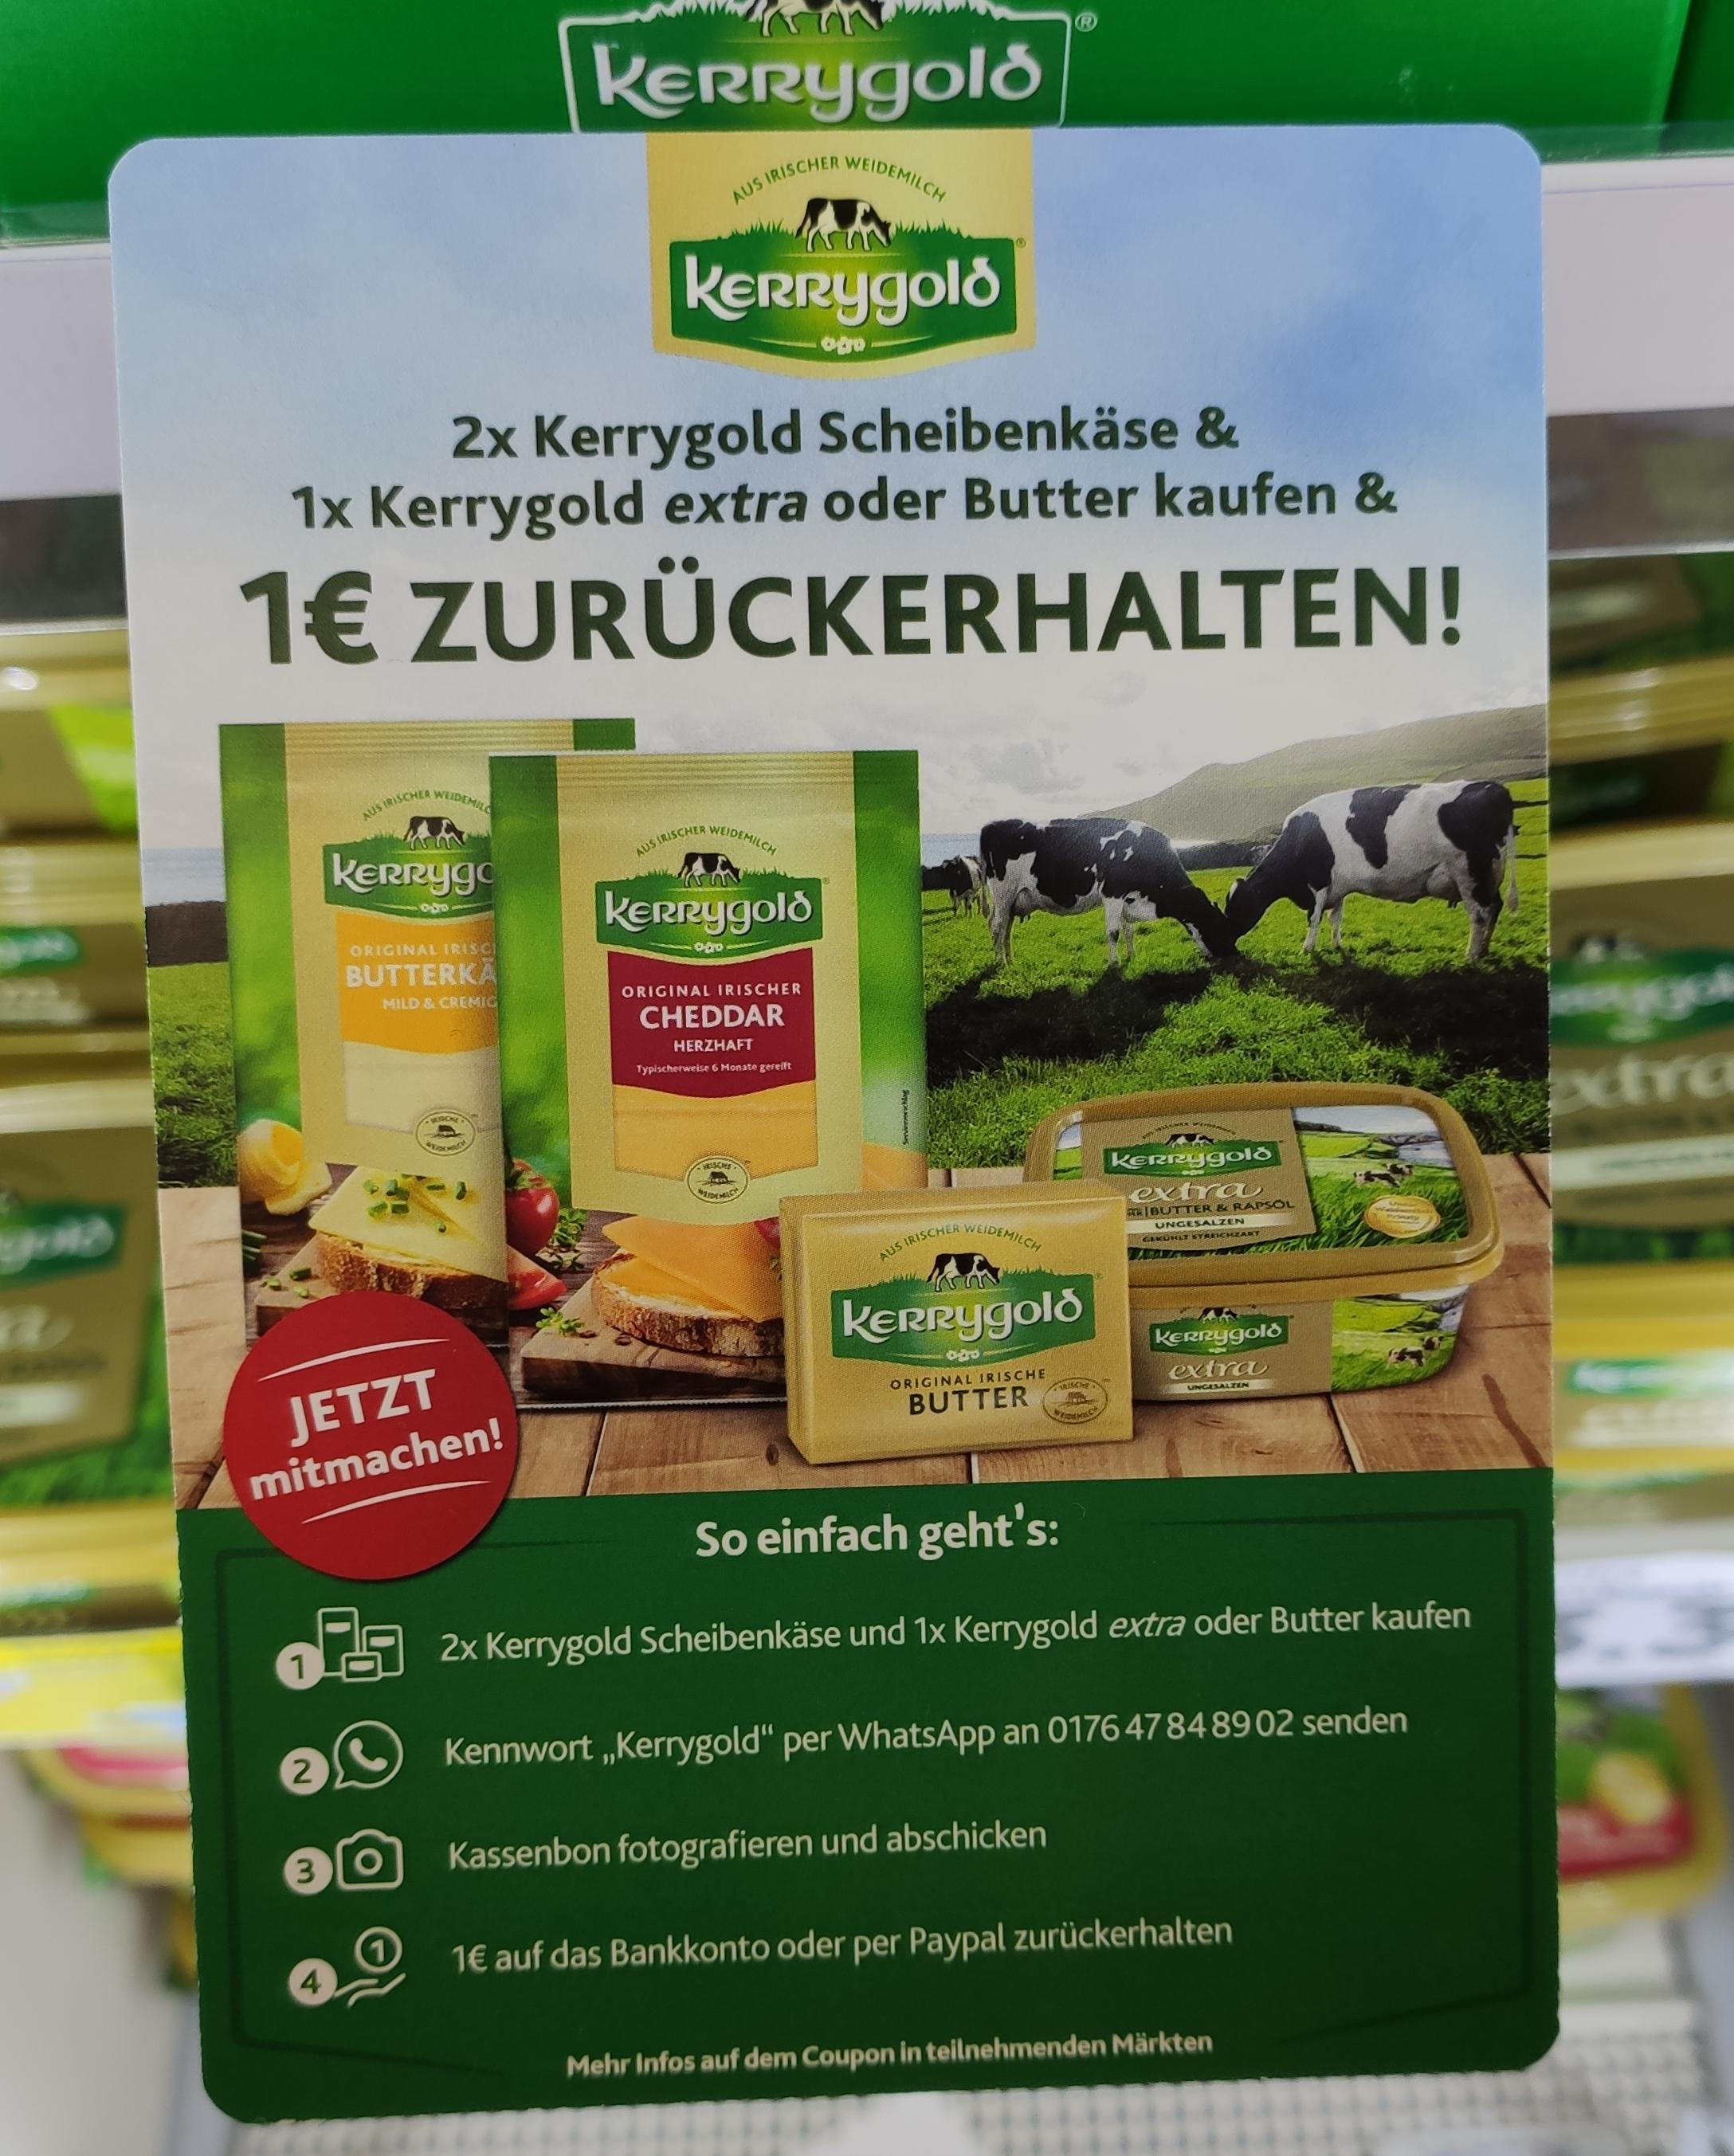 1€ Cashback für 2x Kerrygold Scheibenkäse & 1x Kerrygold extra oder Butter